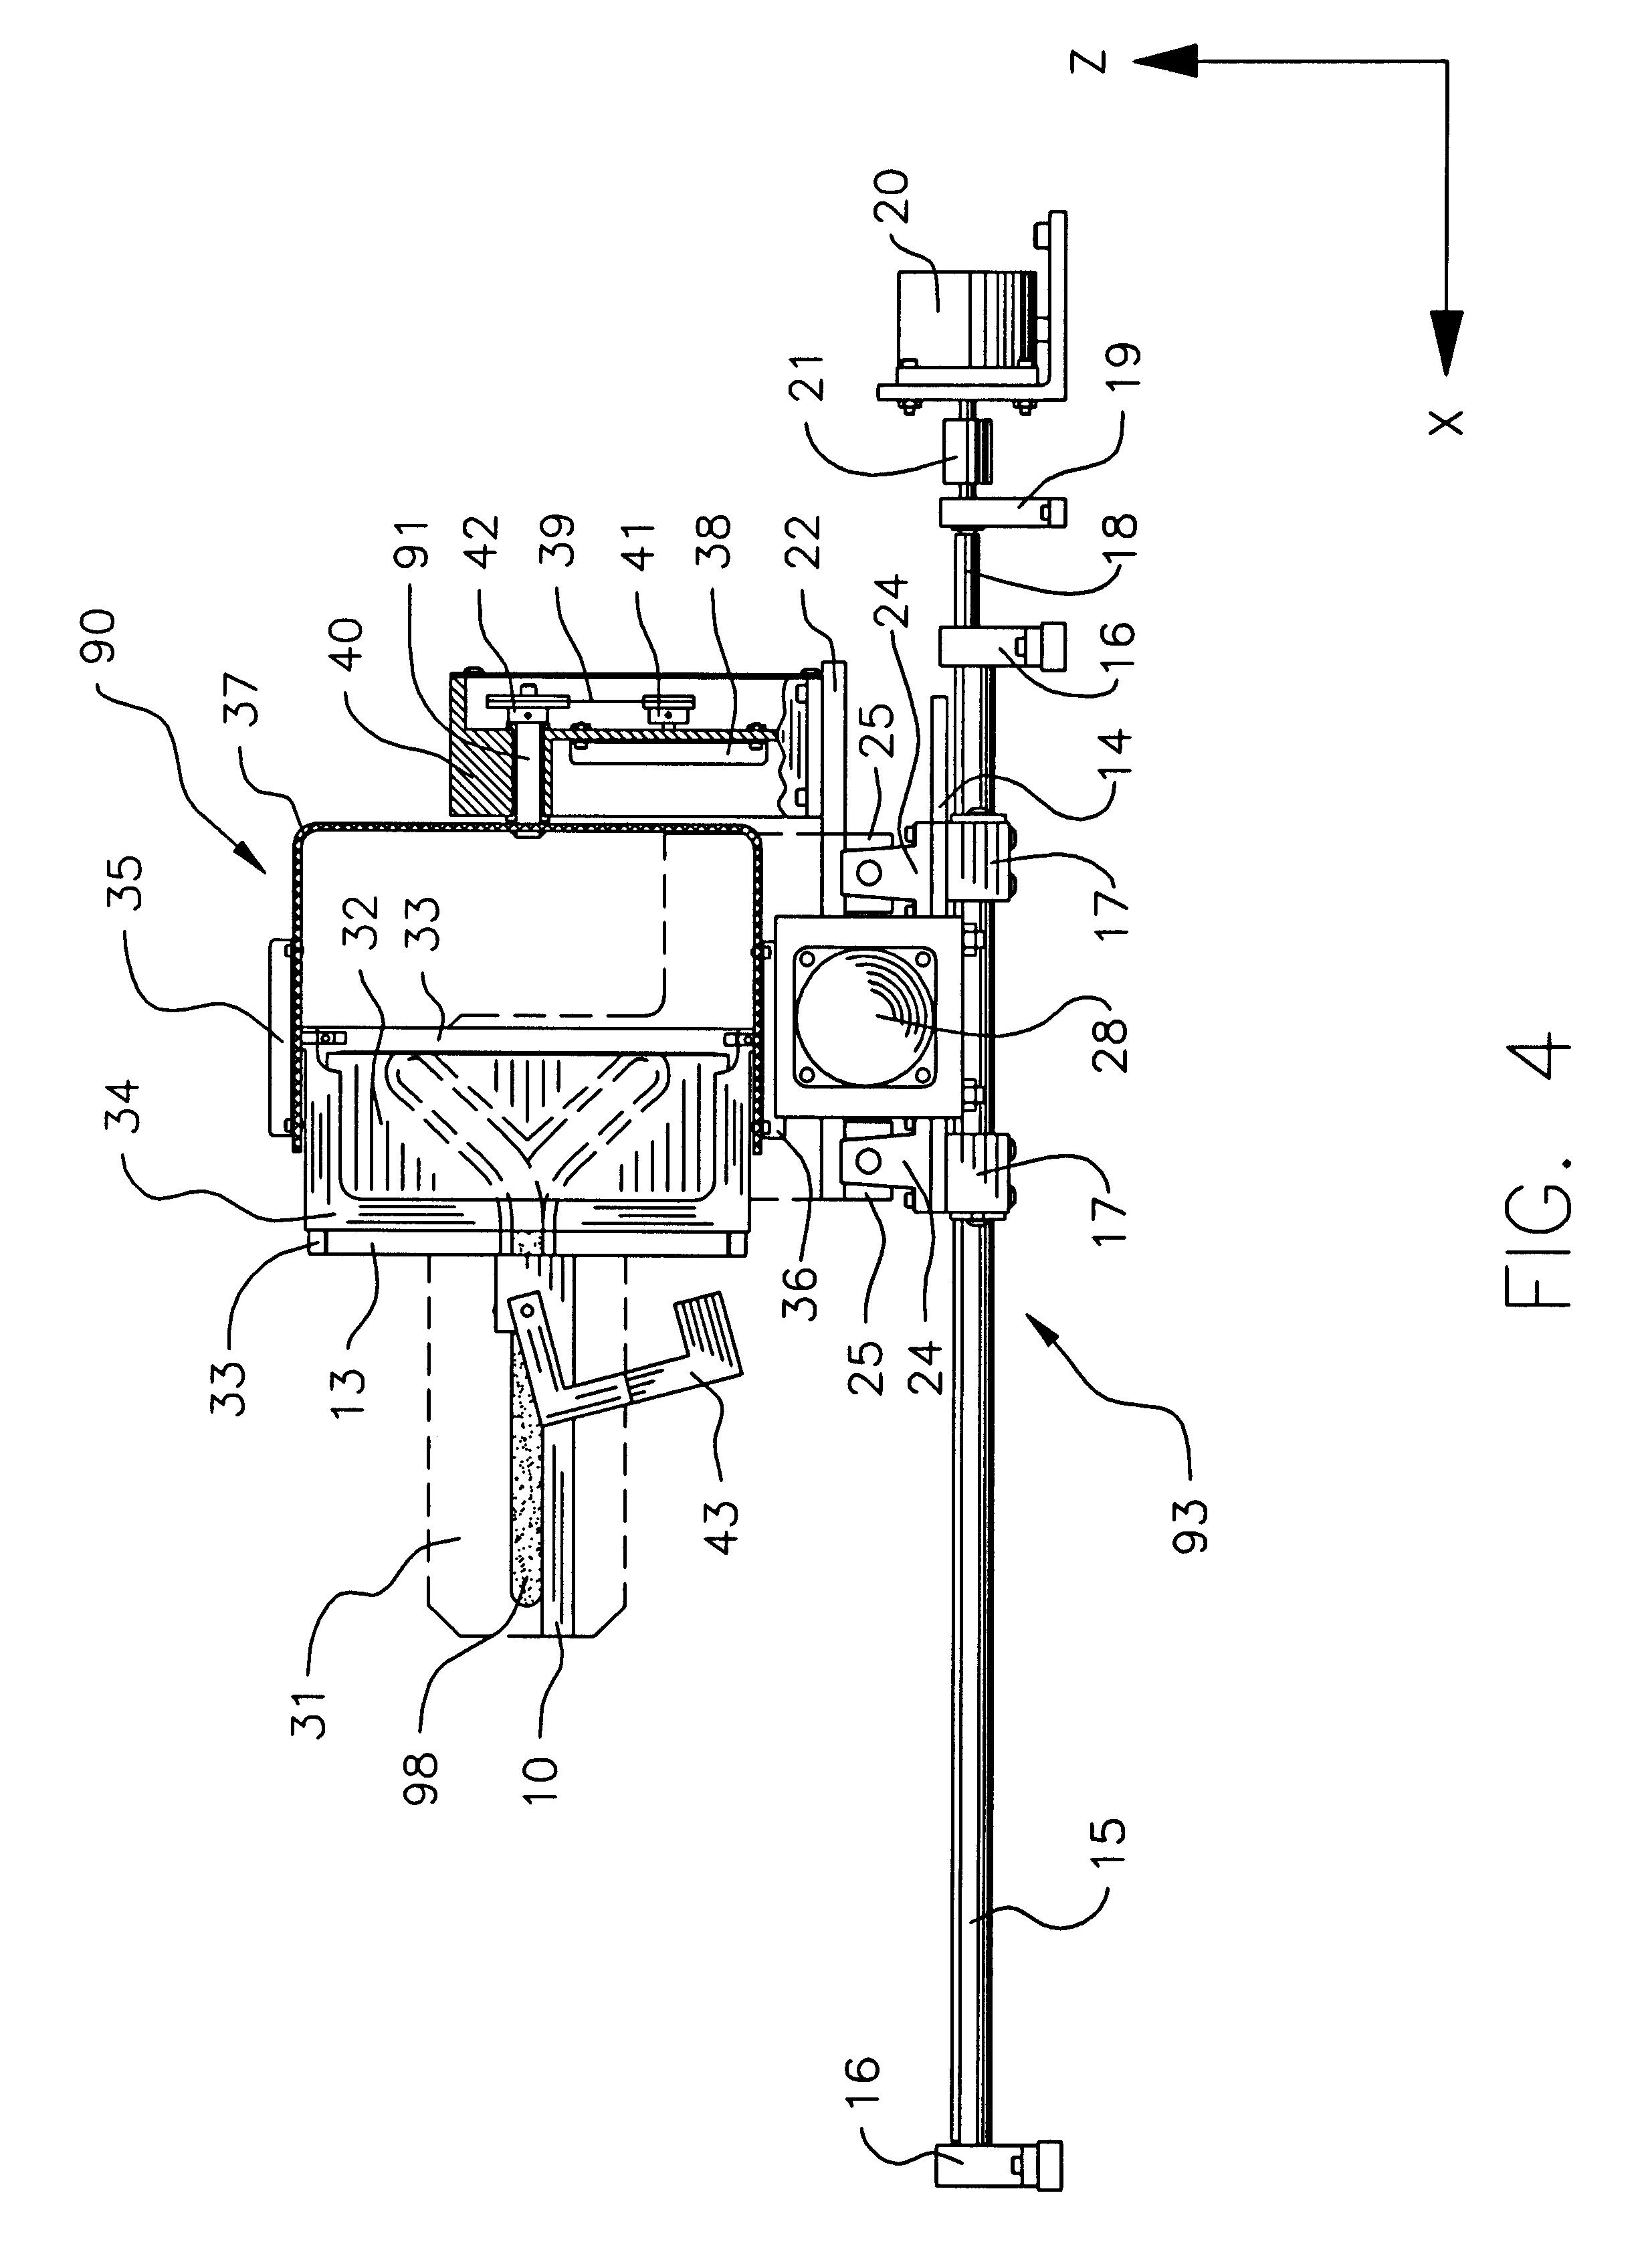 sew encoder wiring diagram dynapar encoder wiring pin out